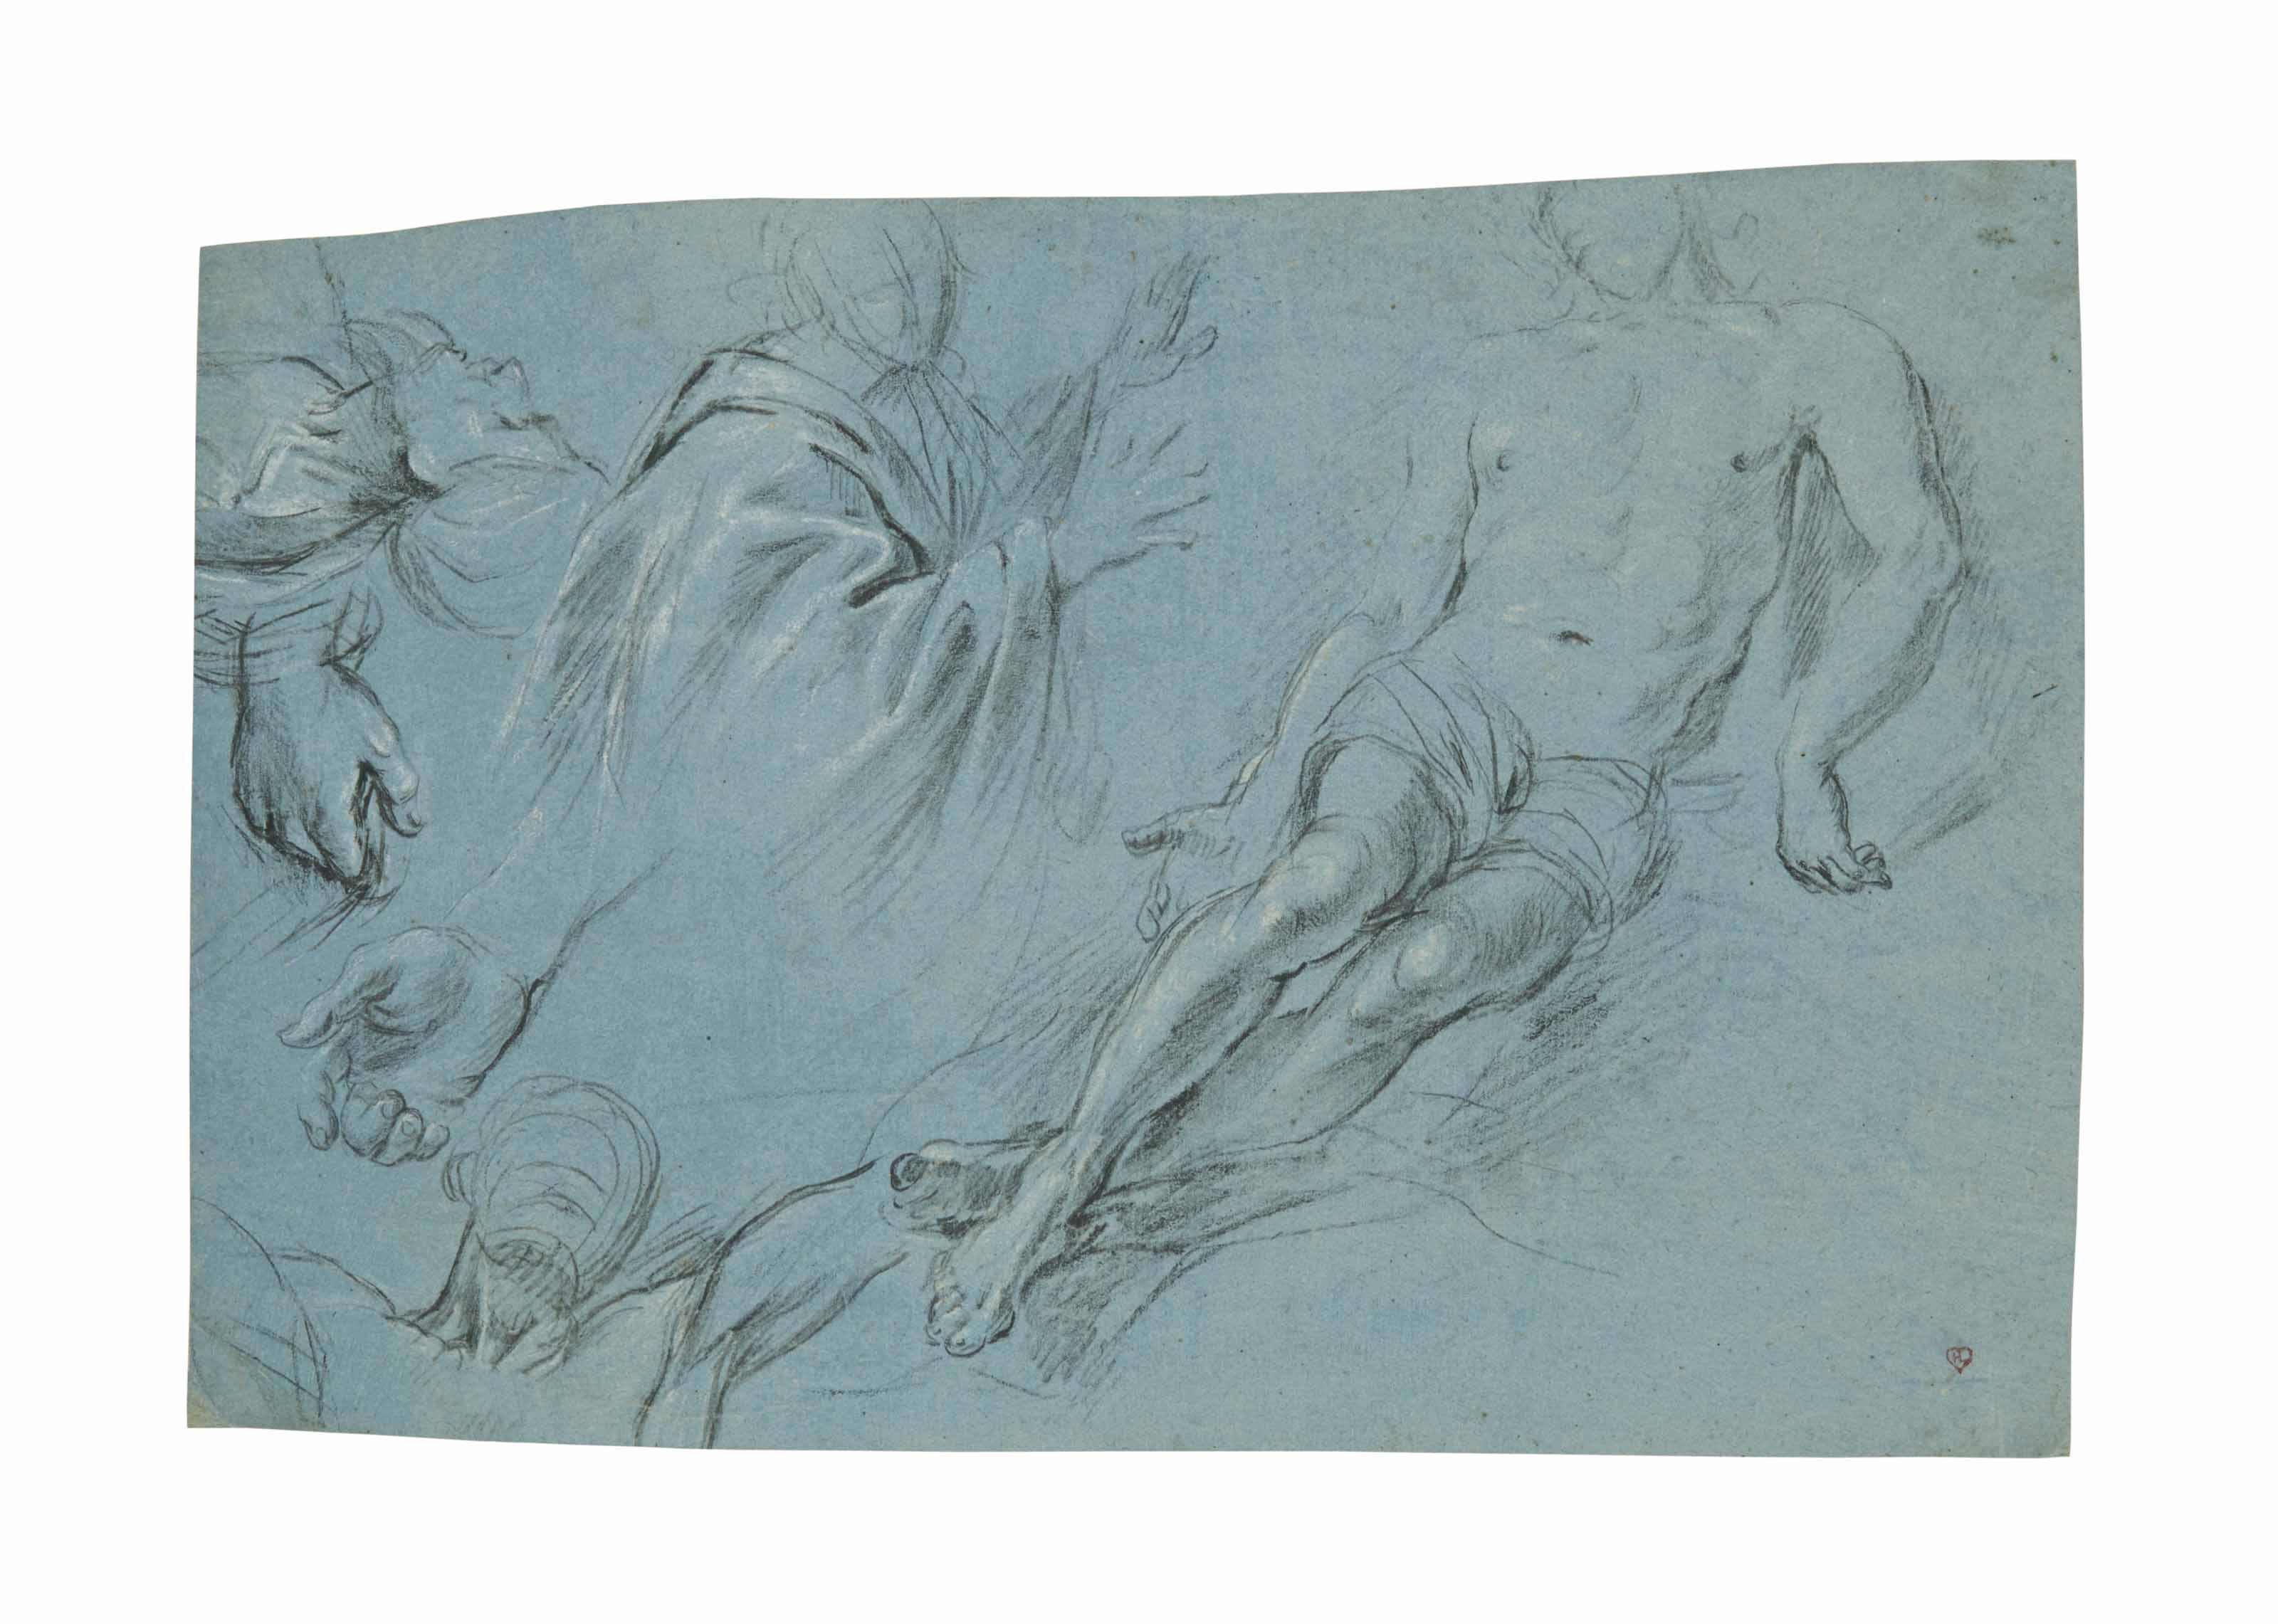 Etude de figures dont un homme nu allongé et une figure drapée agenouillée